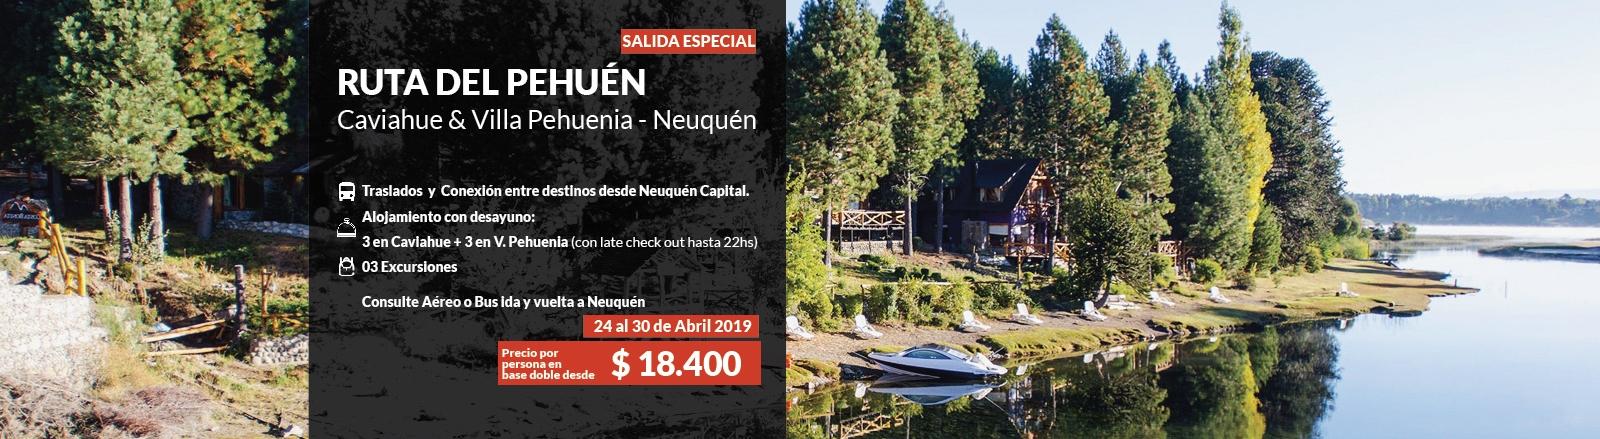 Ruta del Pehuen Villa Pehuenia & Caviahue- especial abril